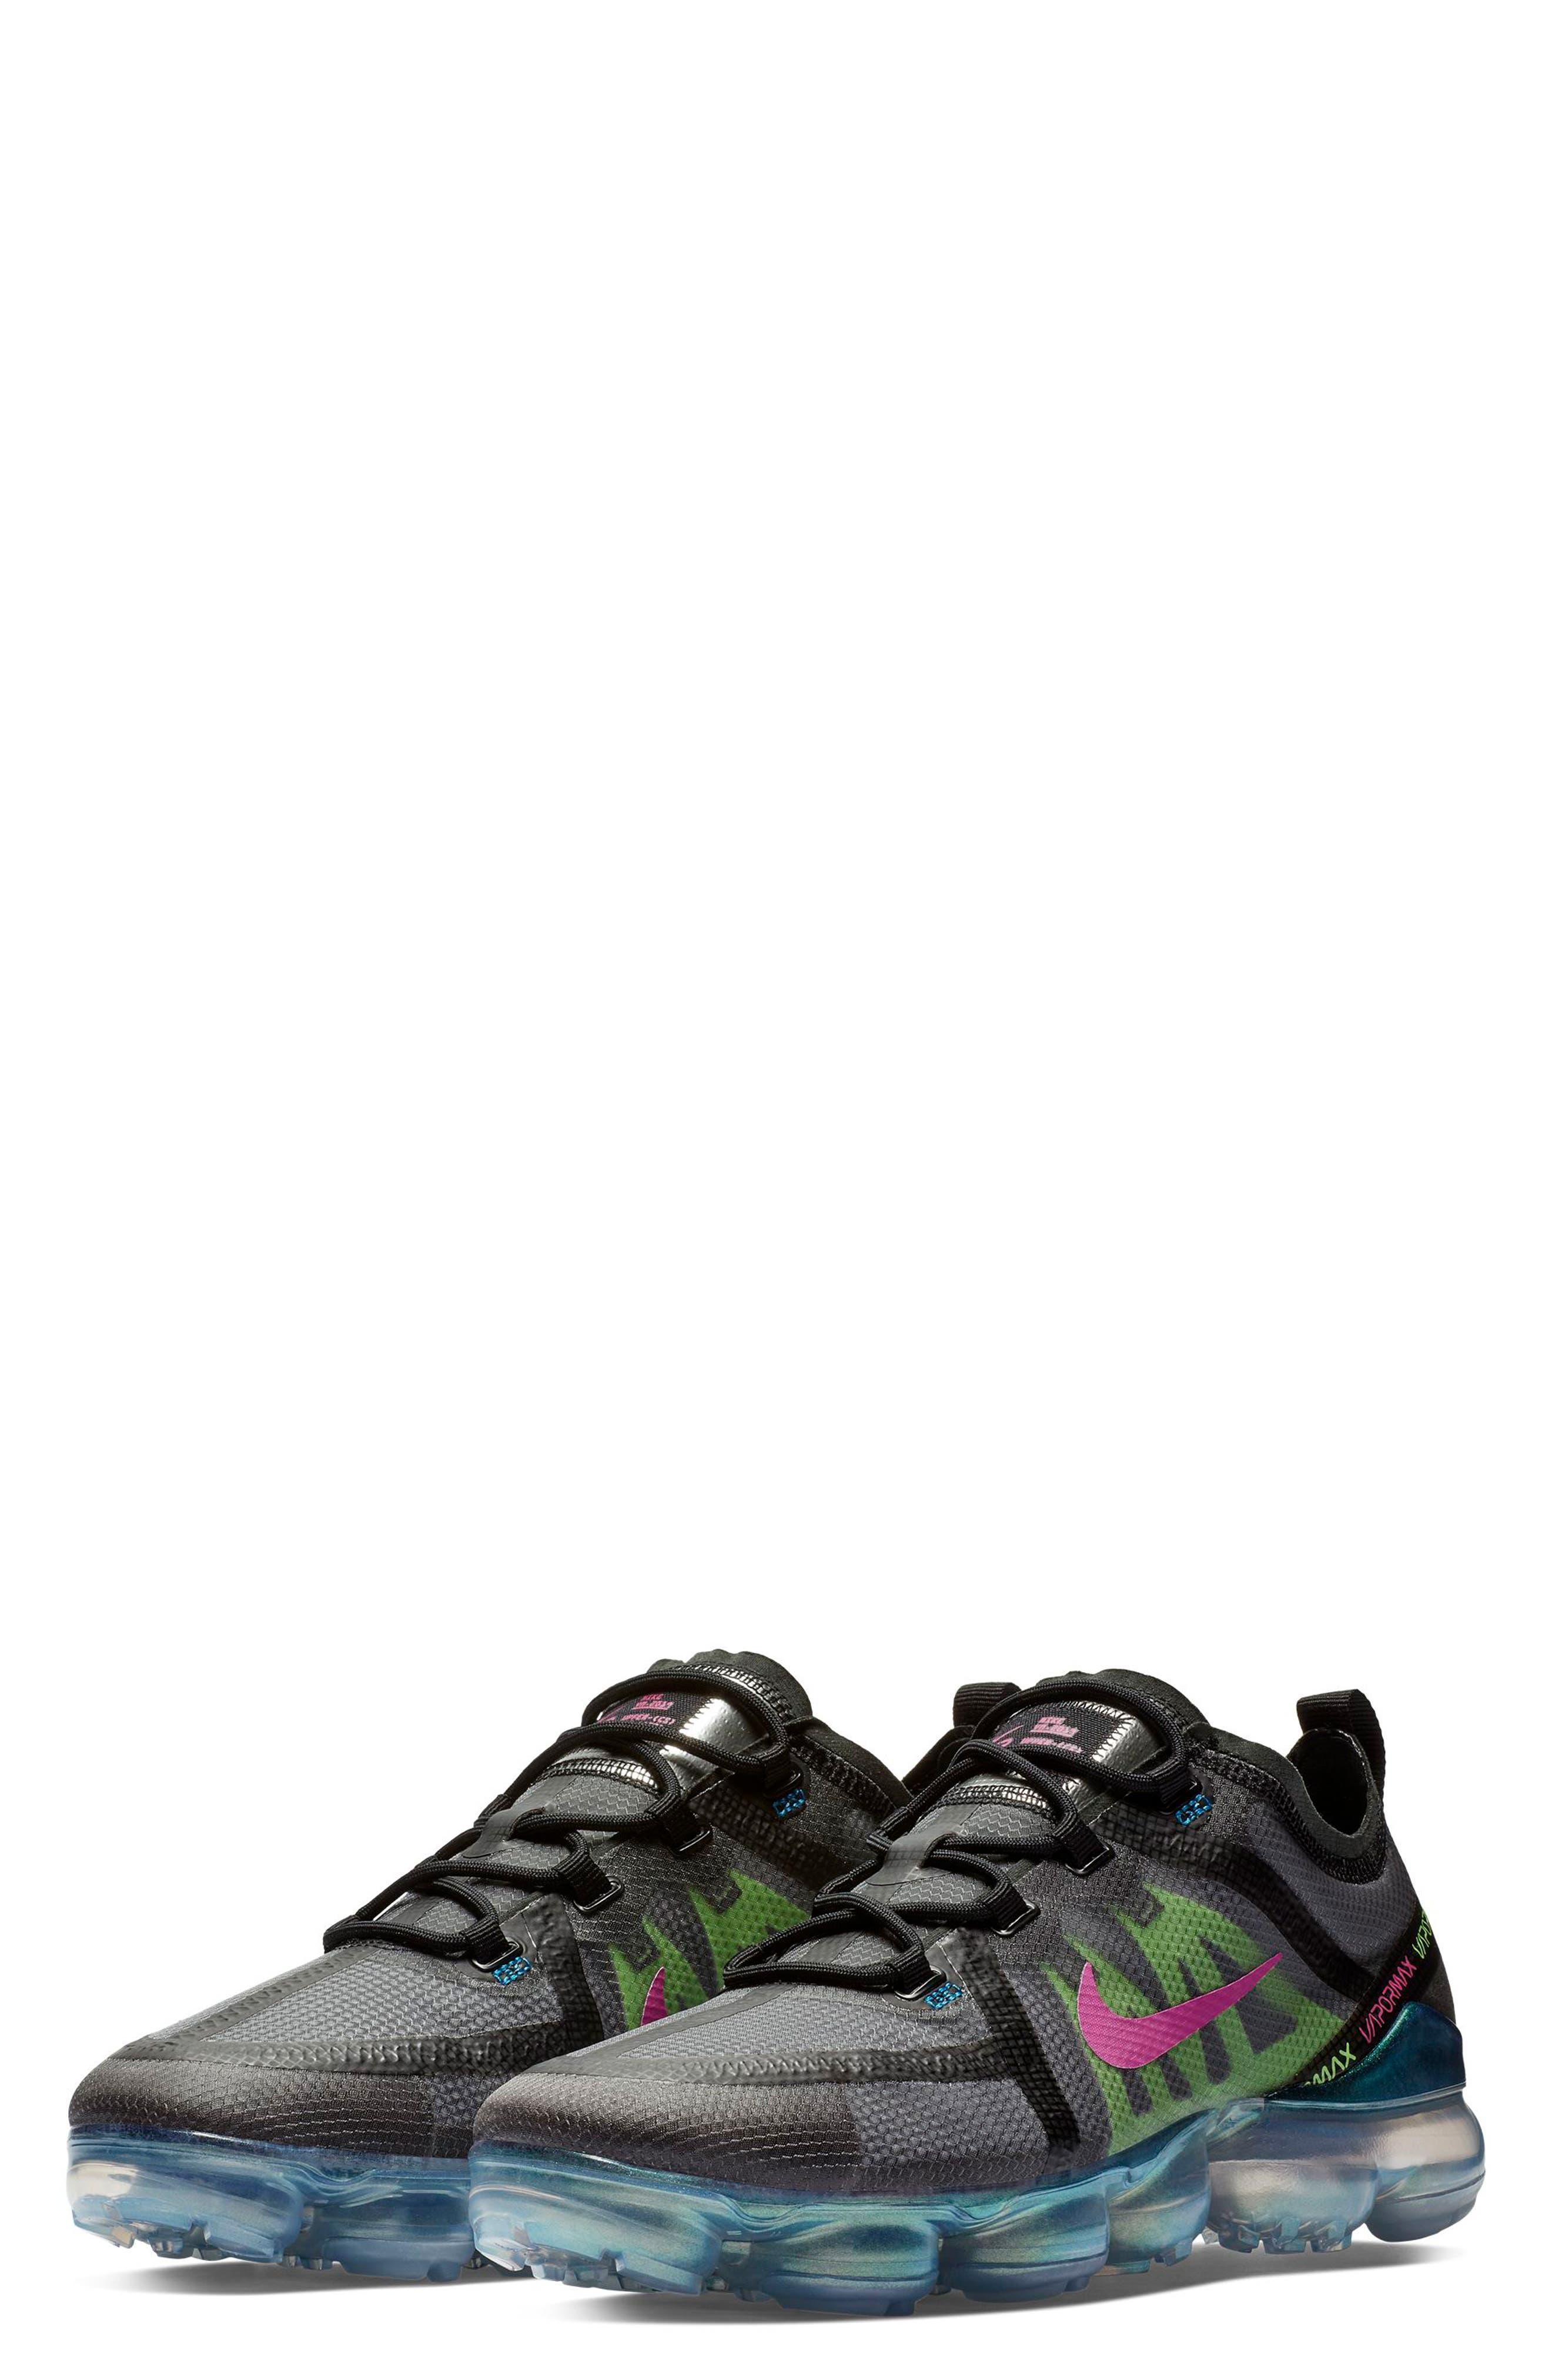 Air VaporMax 2019 Running Shoe,                             Main thumbnail 1, color,                             BLACK/ FUCHSIA/ BLUE